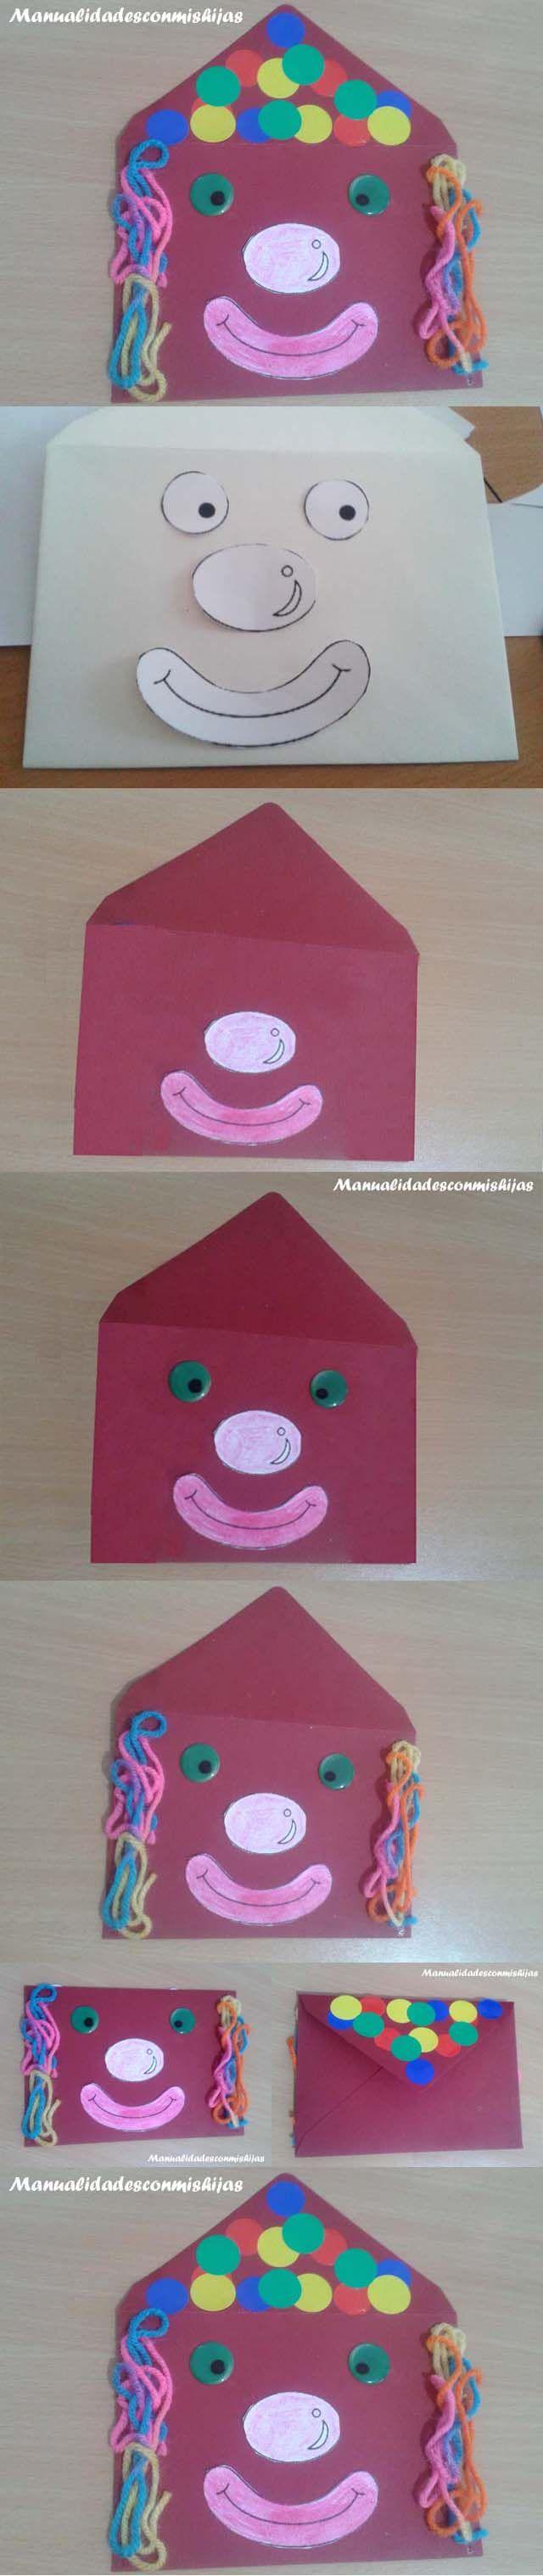 Manualidadesconmishijas: Original sobre de payaso para el #empqtdbonito. card…